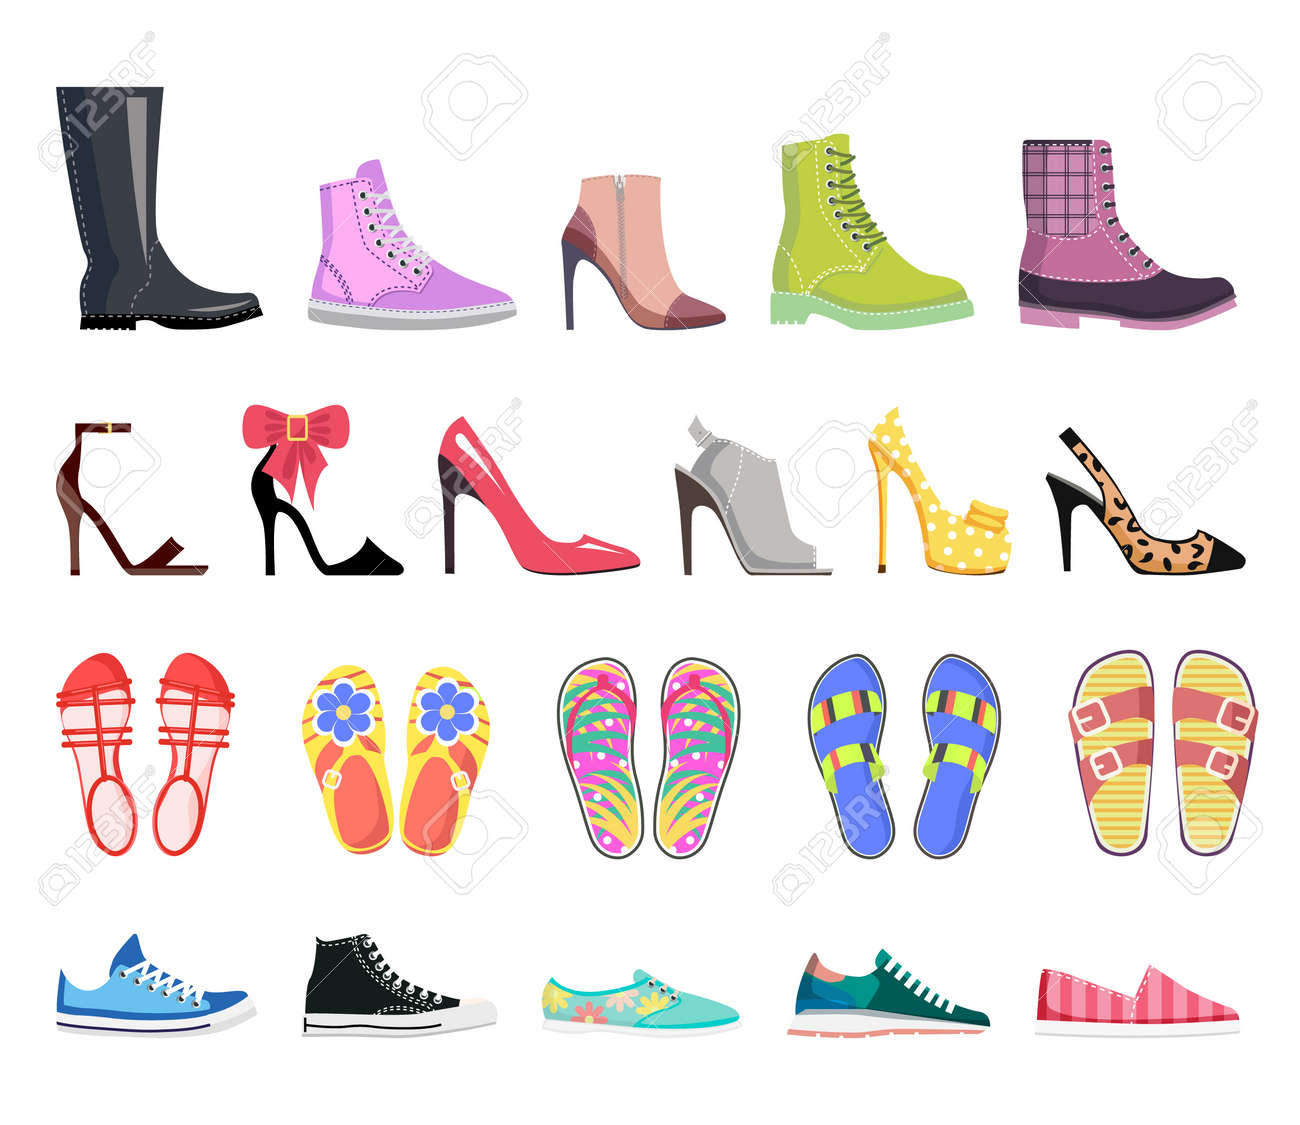 Zapatos Tipos Calzado Moderna Ilustraciones De Colección Mujer xHRSSw